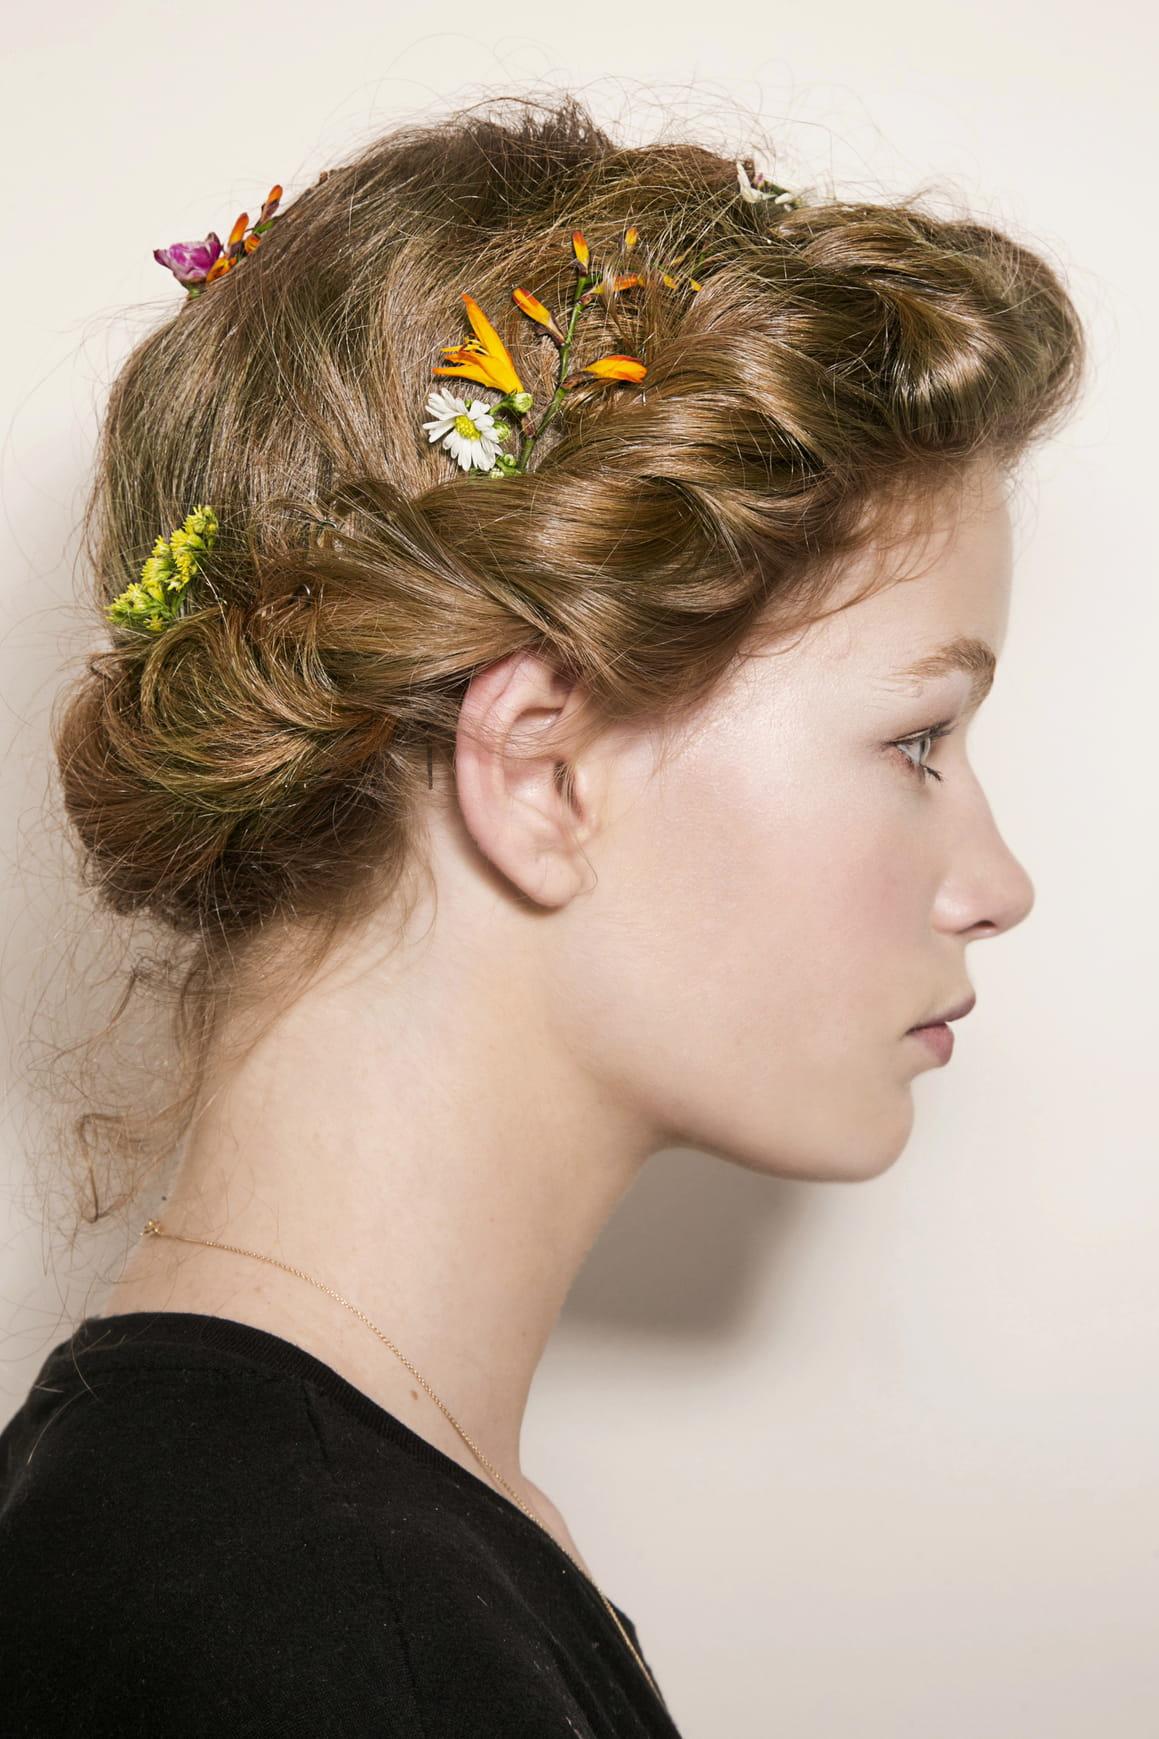 Couronne tress e 20 coiffures romantiques pour embrasser la saison journal des femmes - Coiffure couronne tressee ...